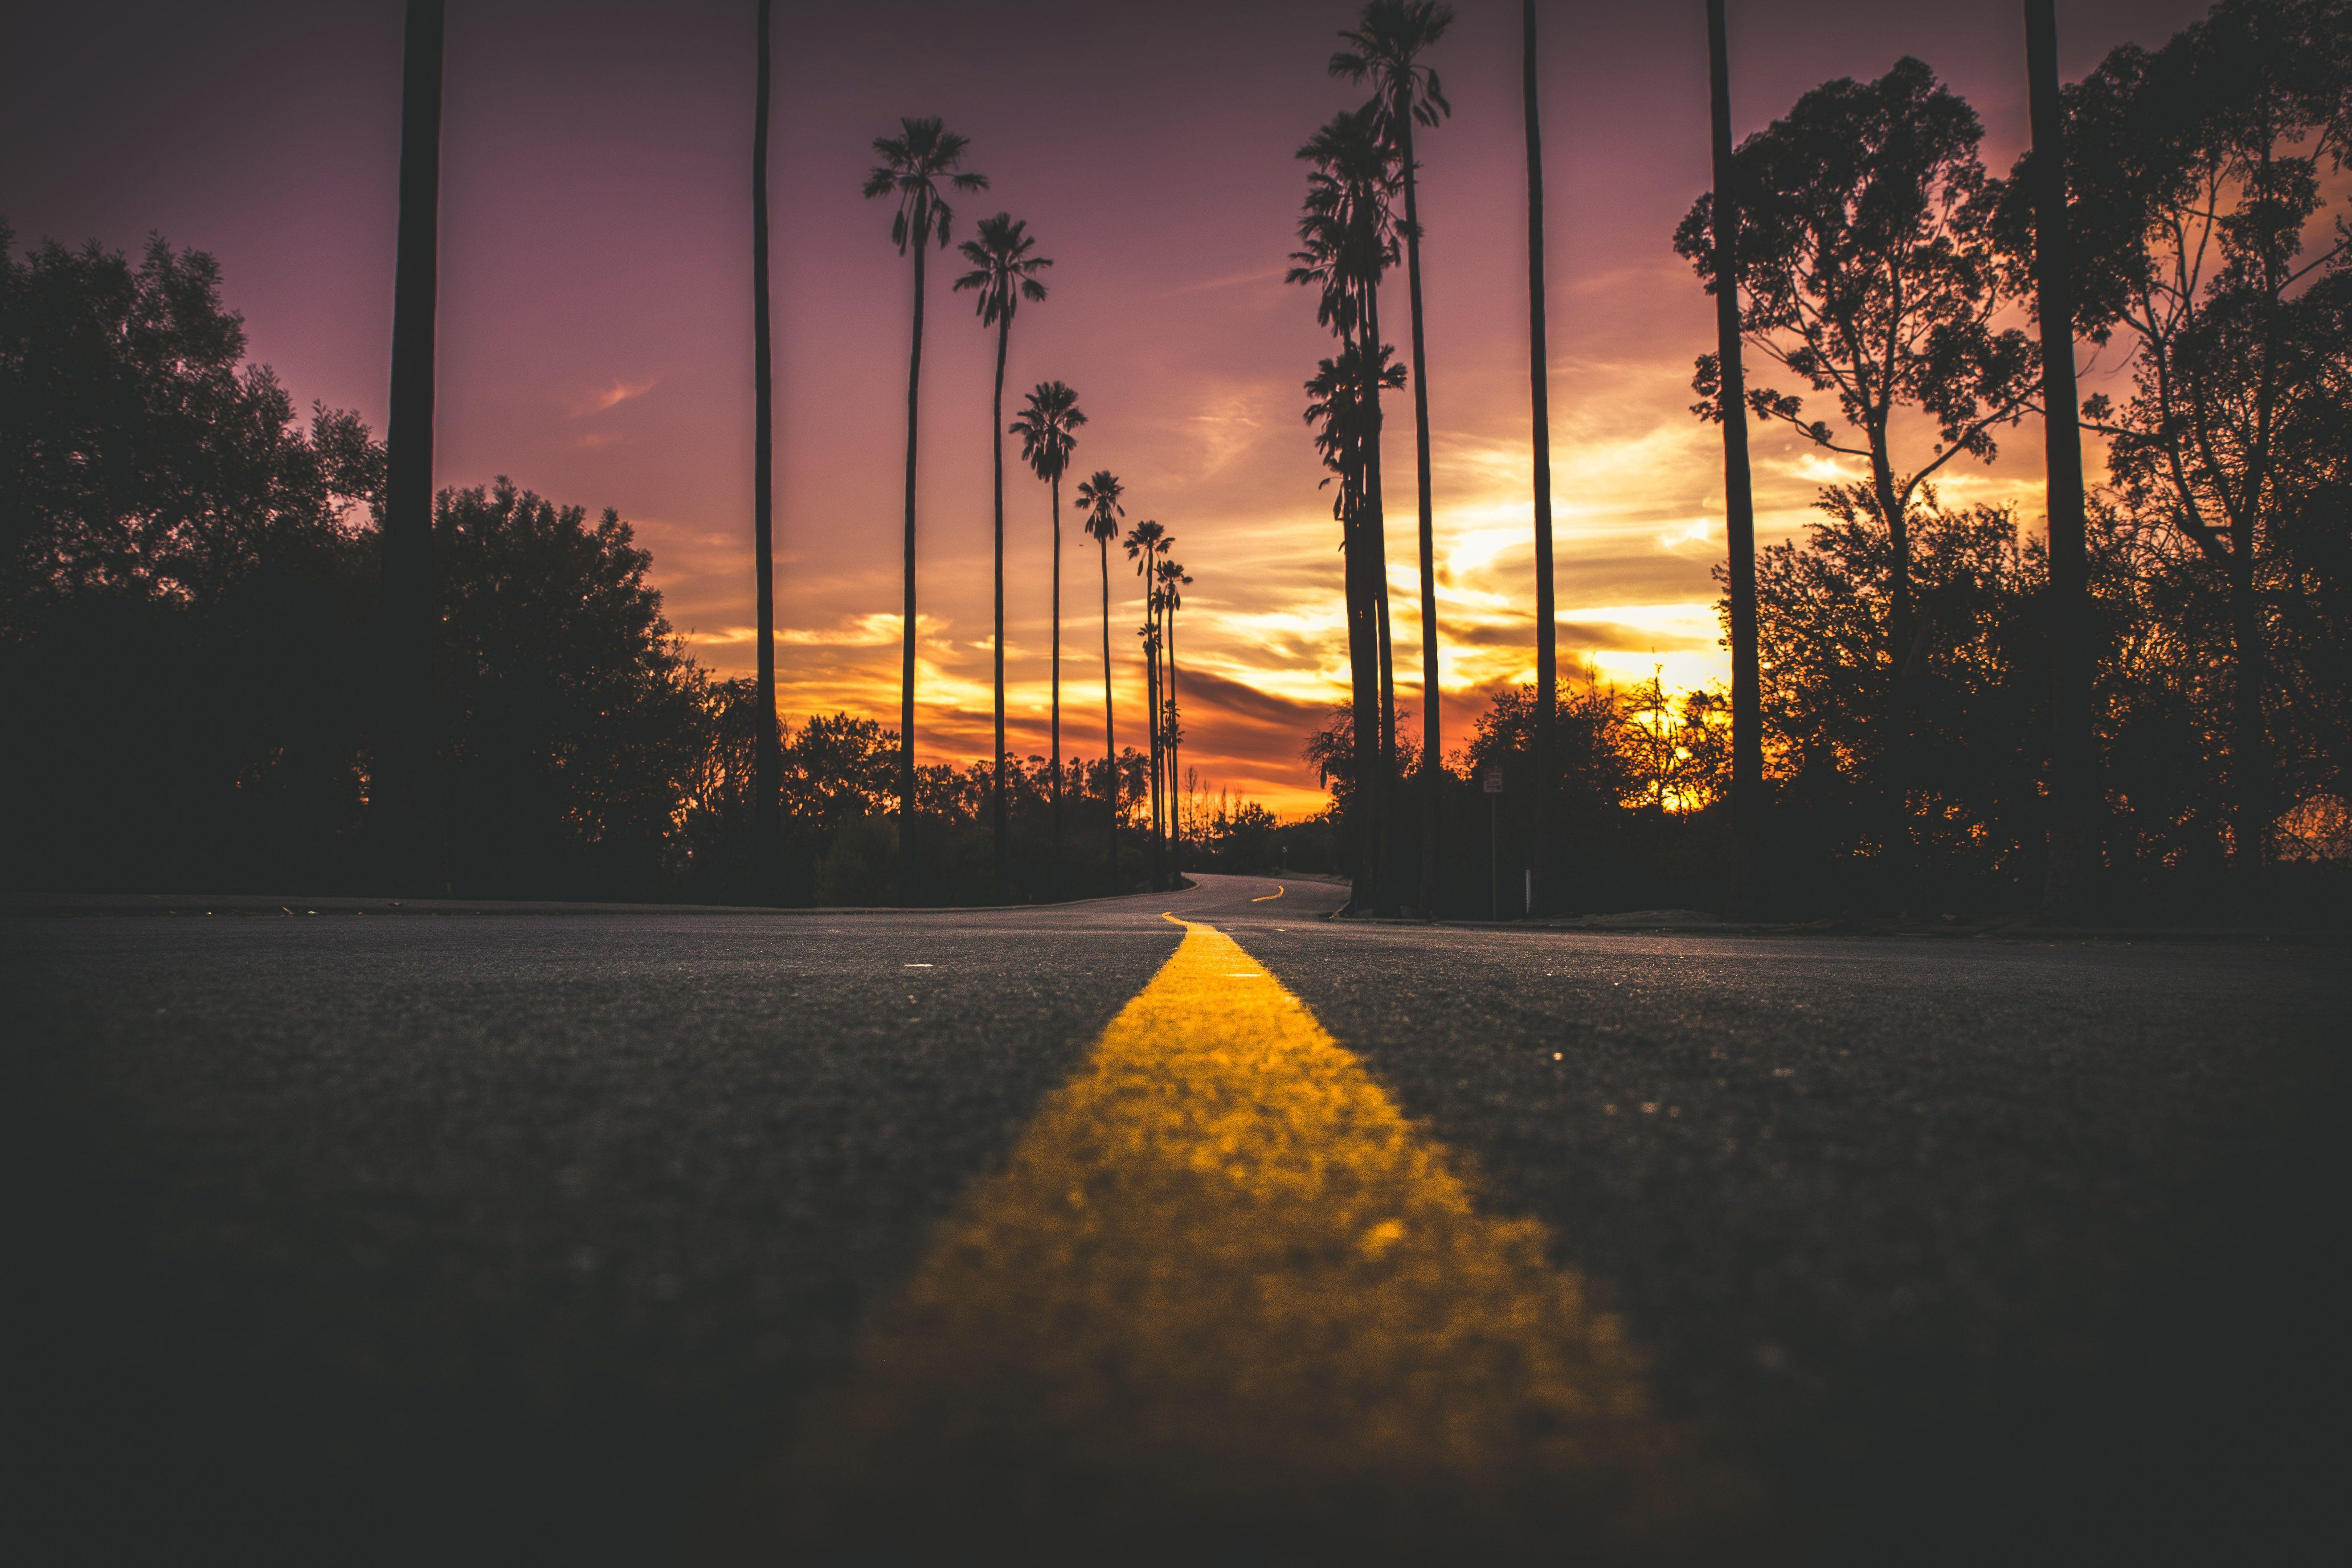 خلفيات عالية الدقة أجمل المناظر الطبيعية بالعالم لحن الحياه California Wallpaper Sunset Wallpaper Sunset Photos